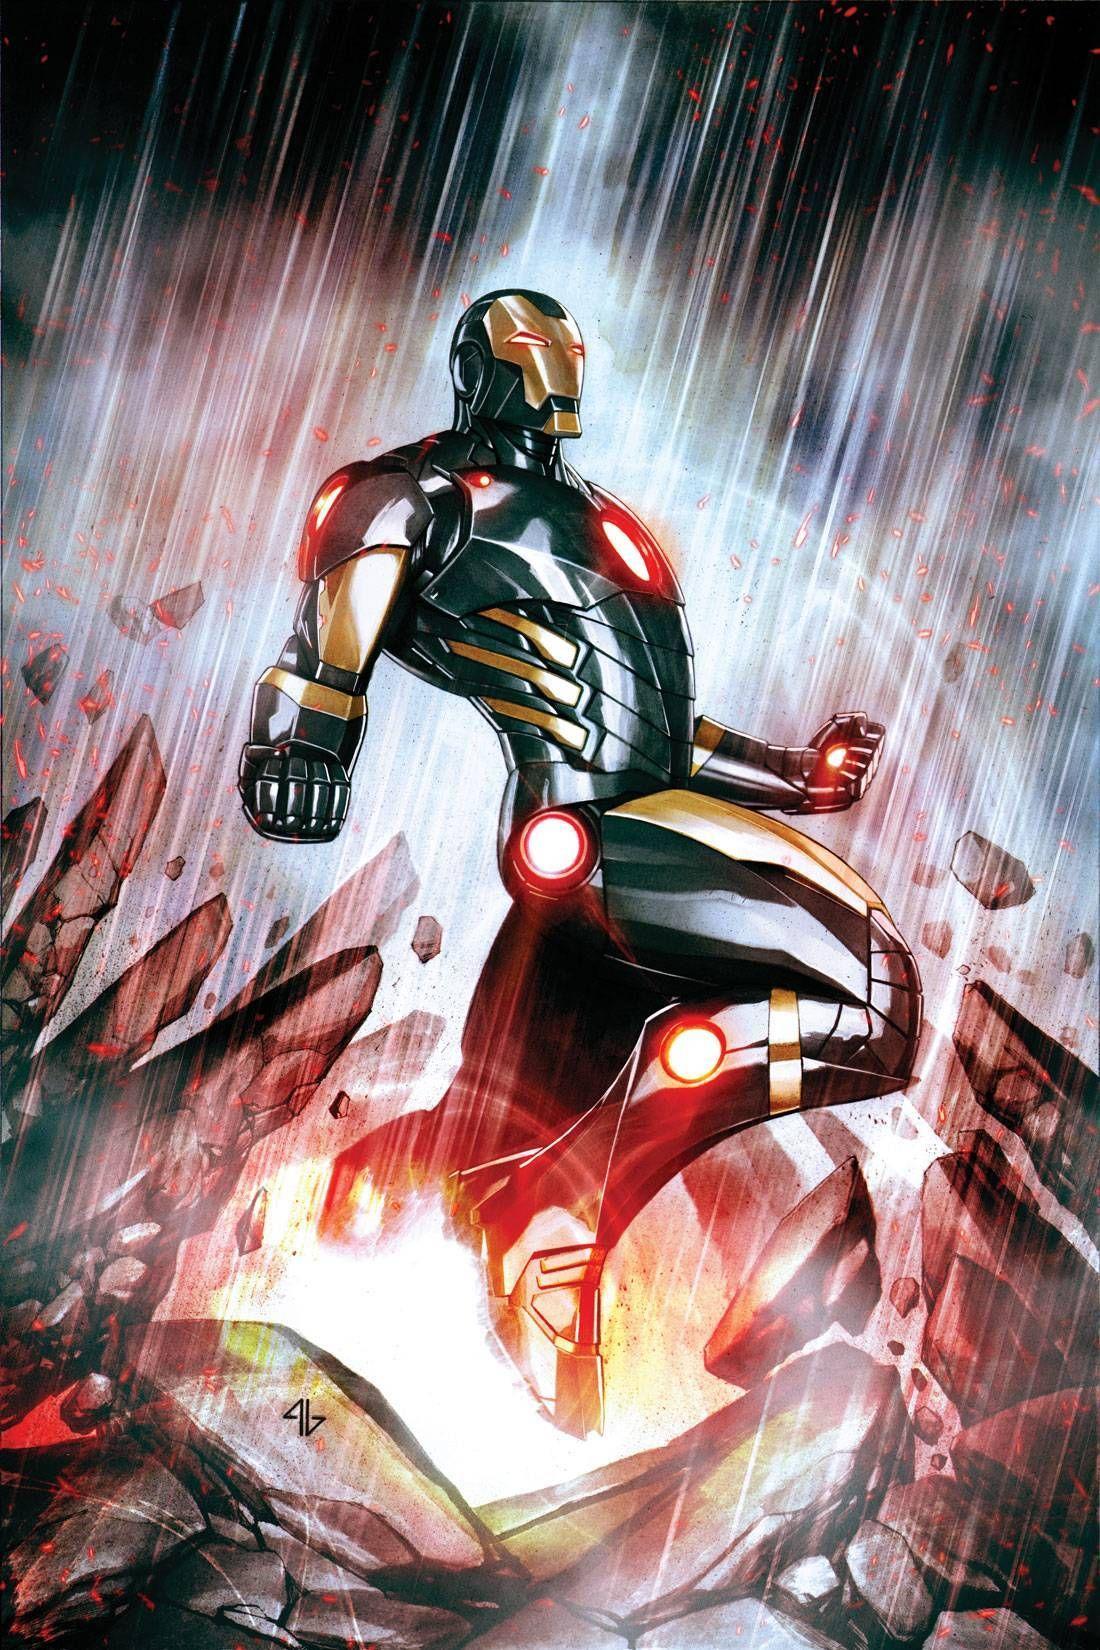 #Iron #Man #Fan #Art. (Iron Man Vol.5 #1 Variant Cover) By: Adi Granov. (THE * 5 * STÅR * ÅWARD * OF: * AW YEAH, IT'S MAJOR ÅWESOMENESS!!!™)[THANK Ü 4 PINNING!!!<·><]<©>ÅÅÅ+(OB4E)